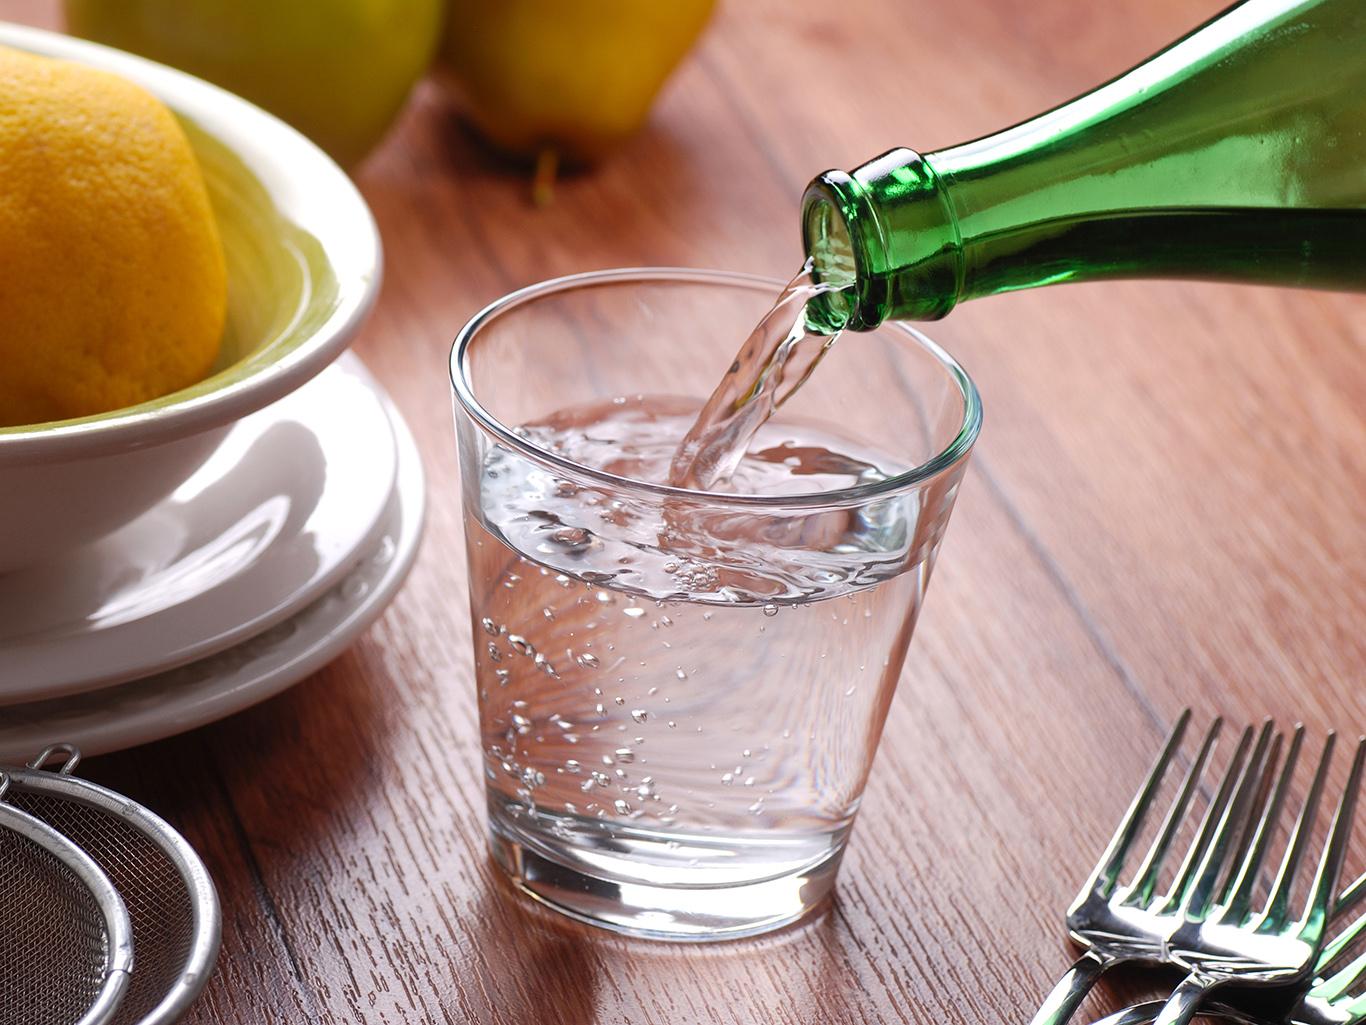 Вредно ли пить воду во время еды?